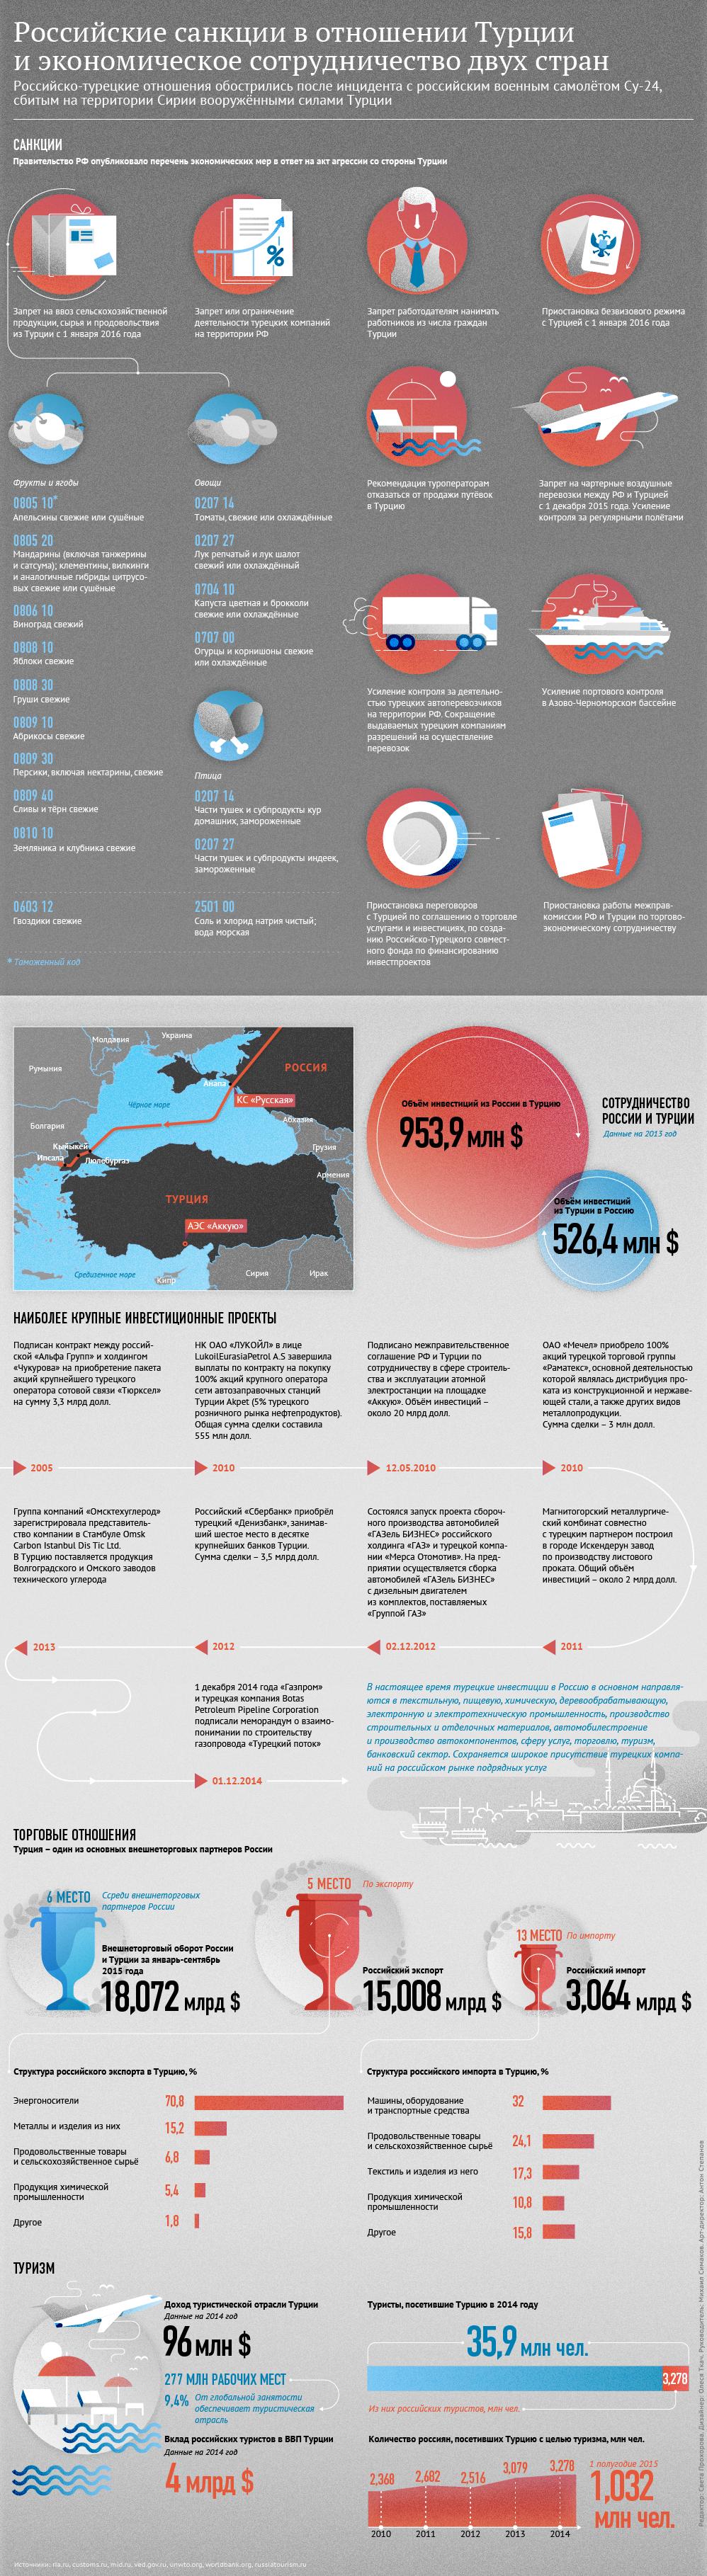 Санкции РФ в отношении Турции и экономические связи двух стран. Инфографика